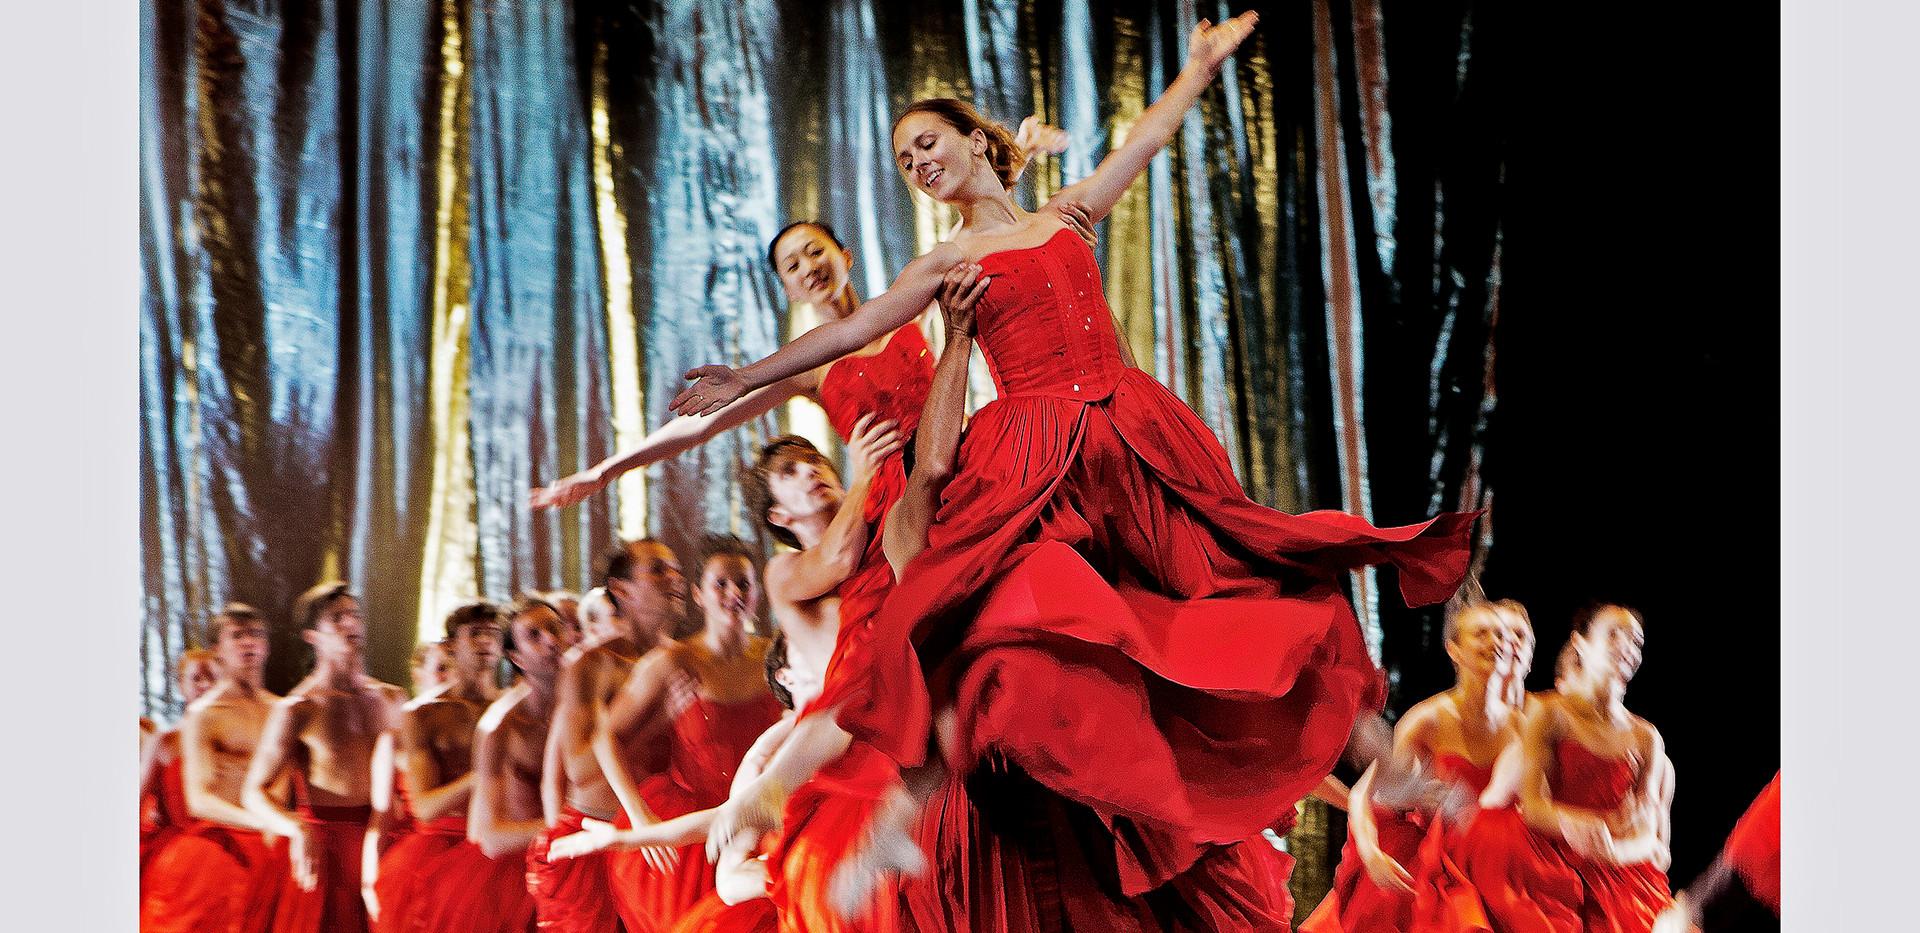 Copy of ballet_1449 copy.jpg